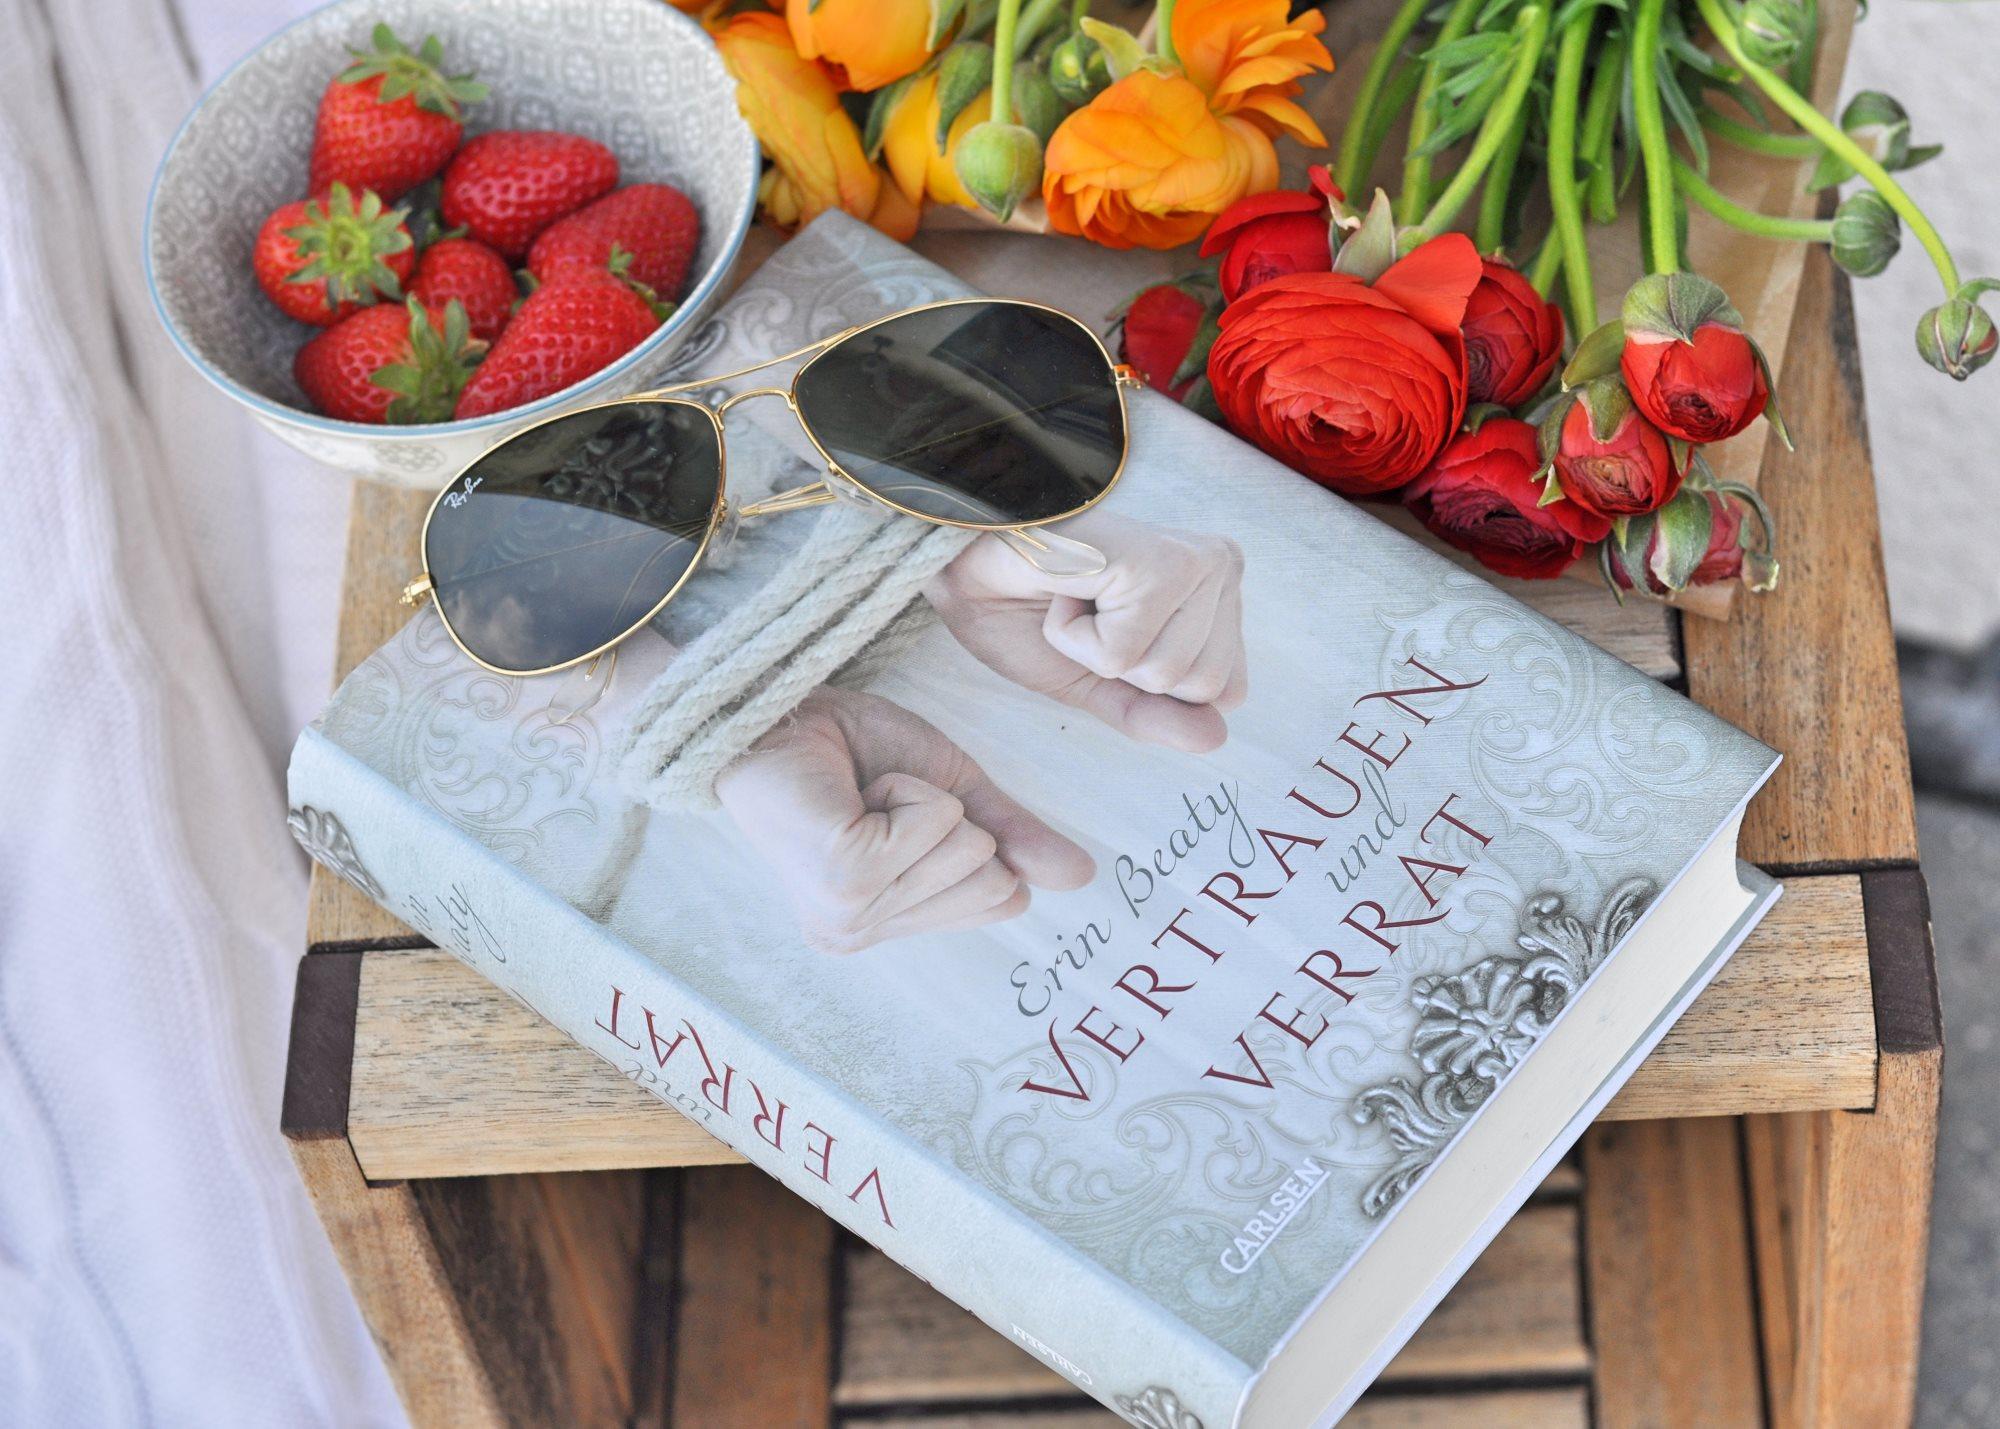 Vertrauen und Verrat #Fantasy #Romantik #Buchtipp #Rezension #Lesen #Buch #Mittelalter